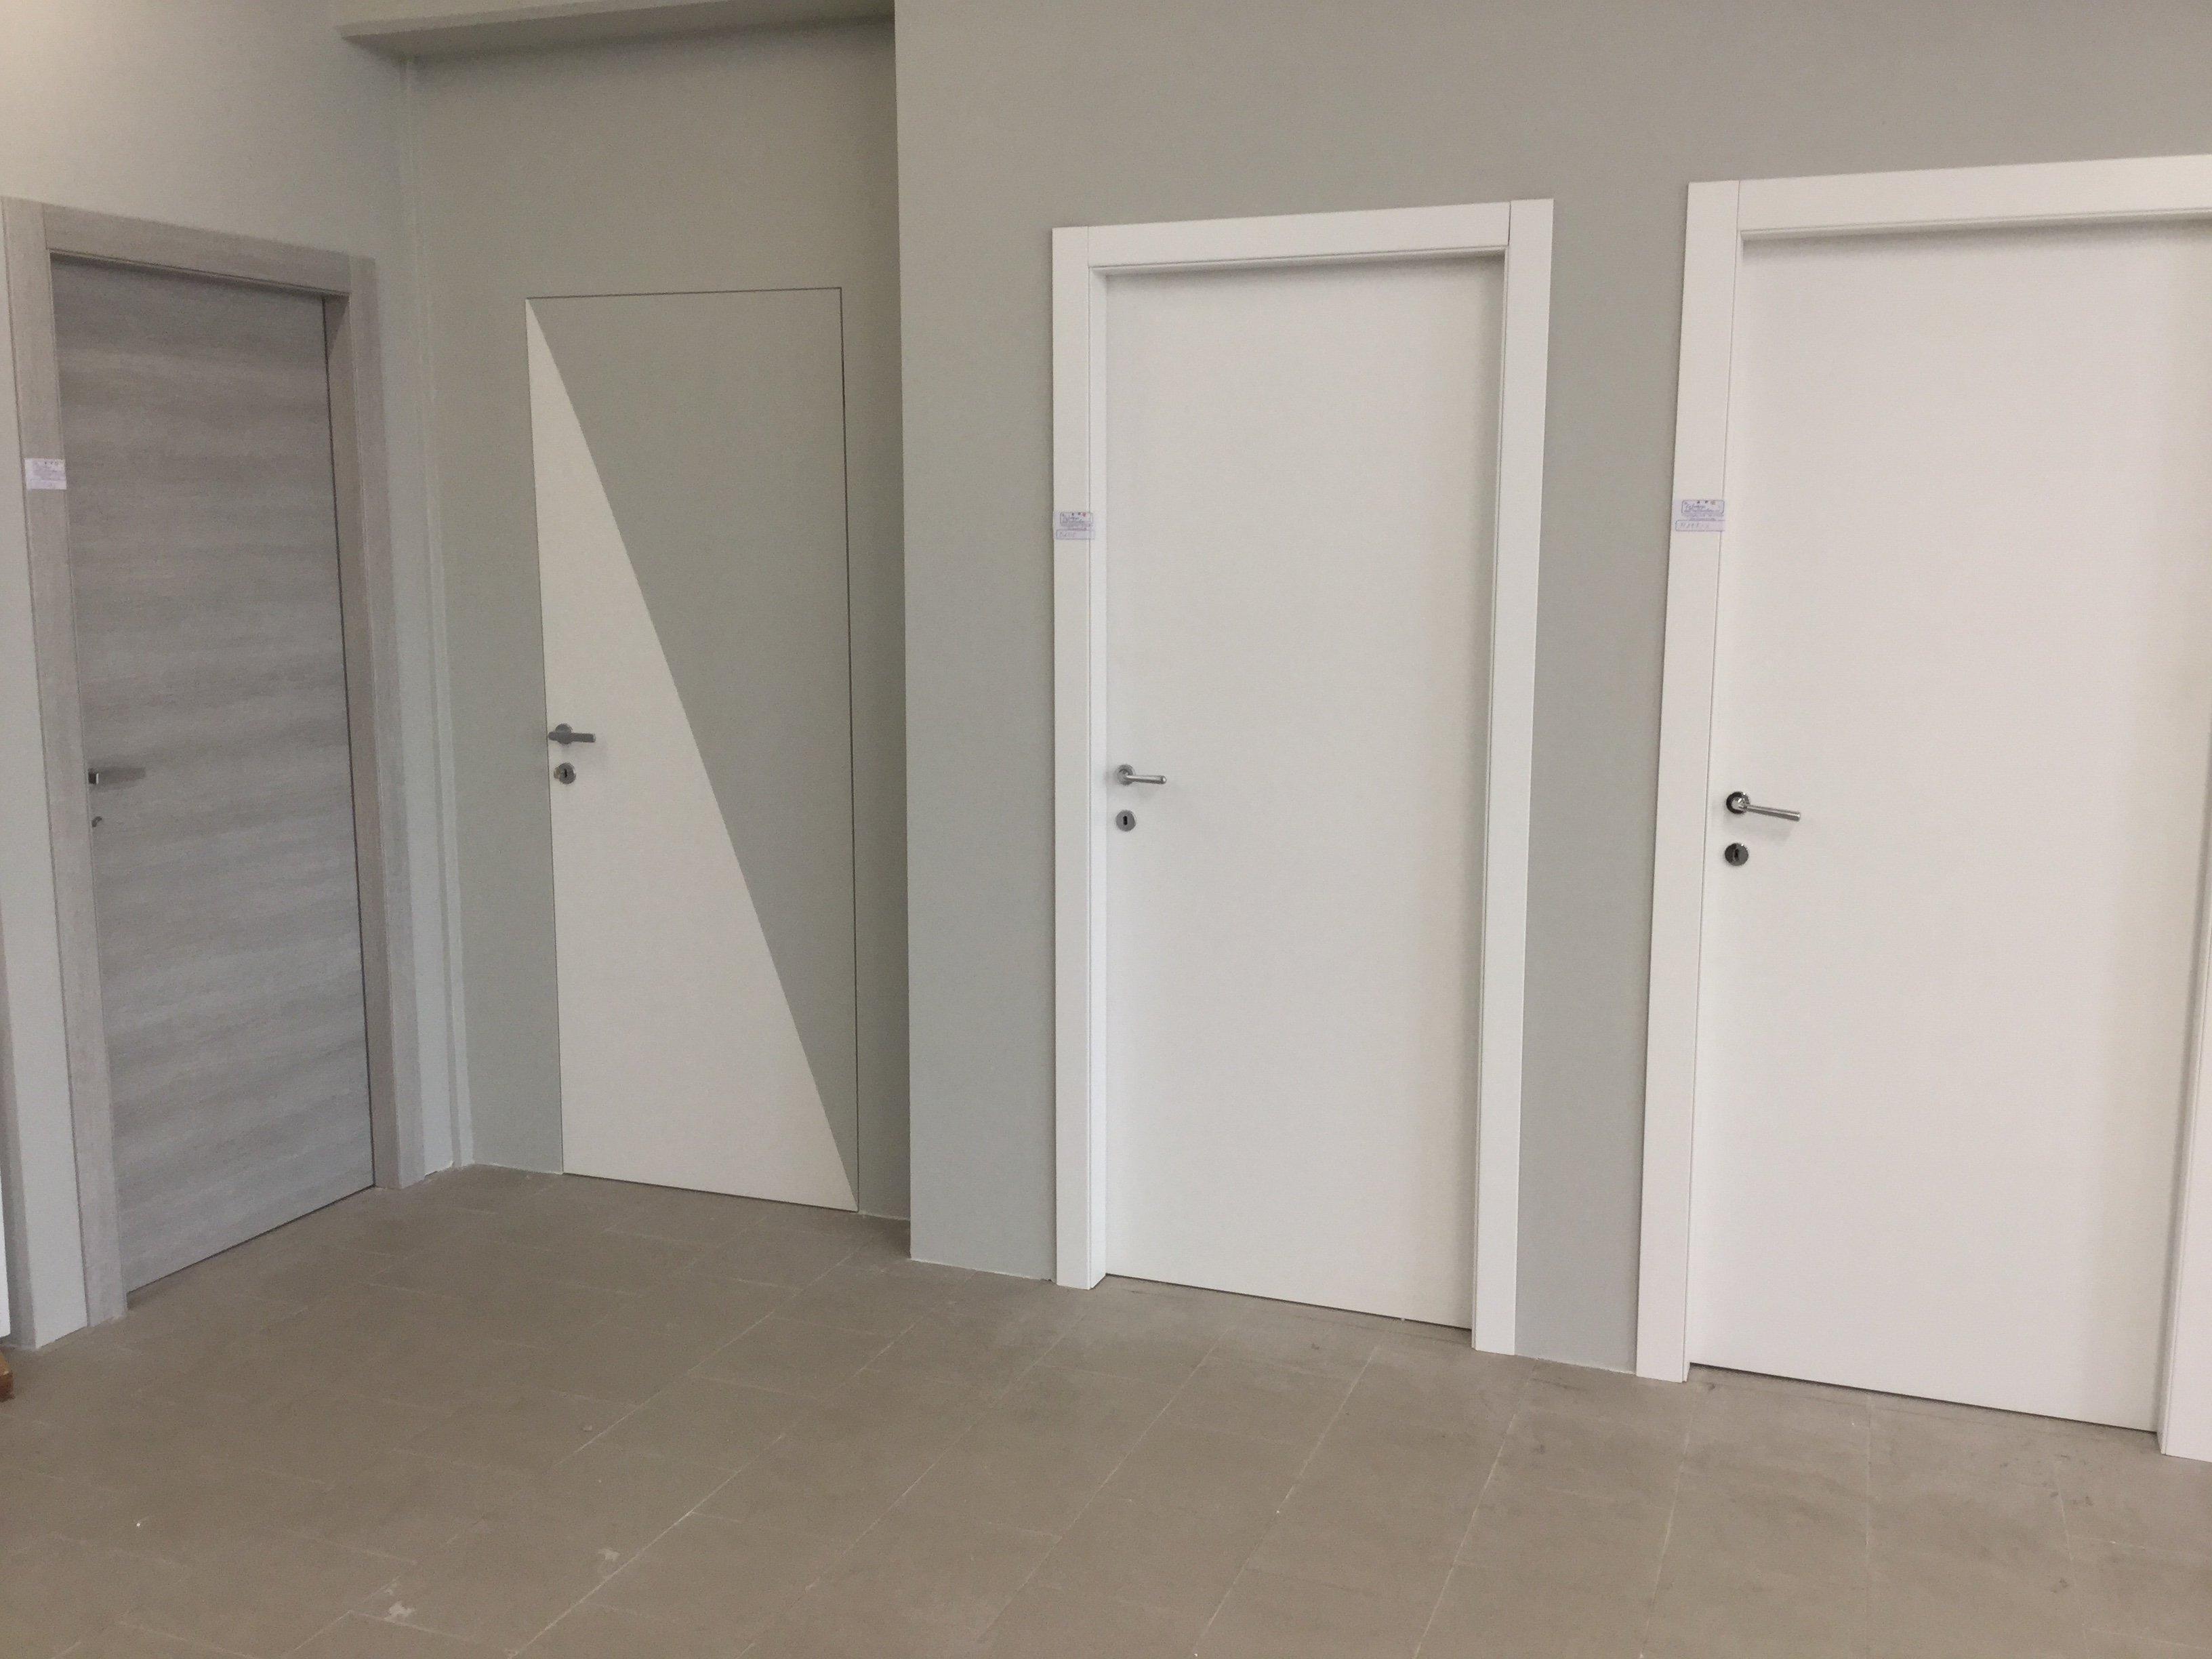 delle porte di color bianco e alcune beige